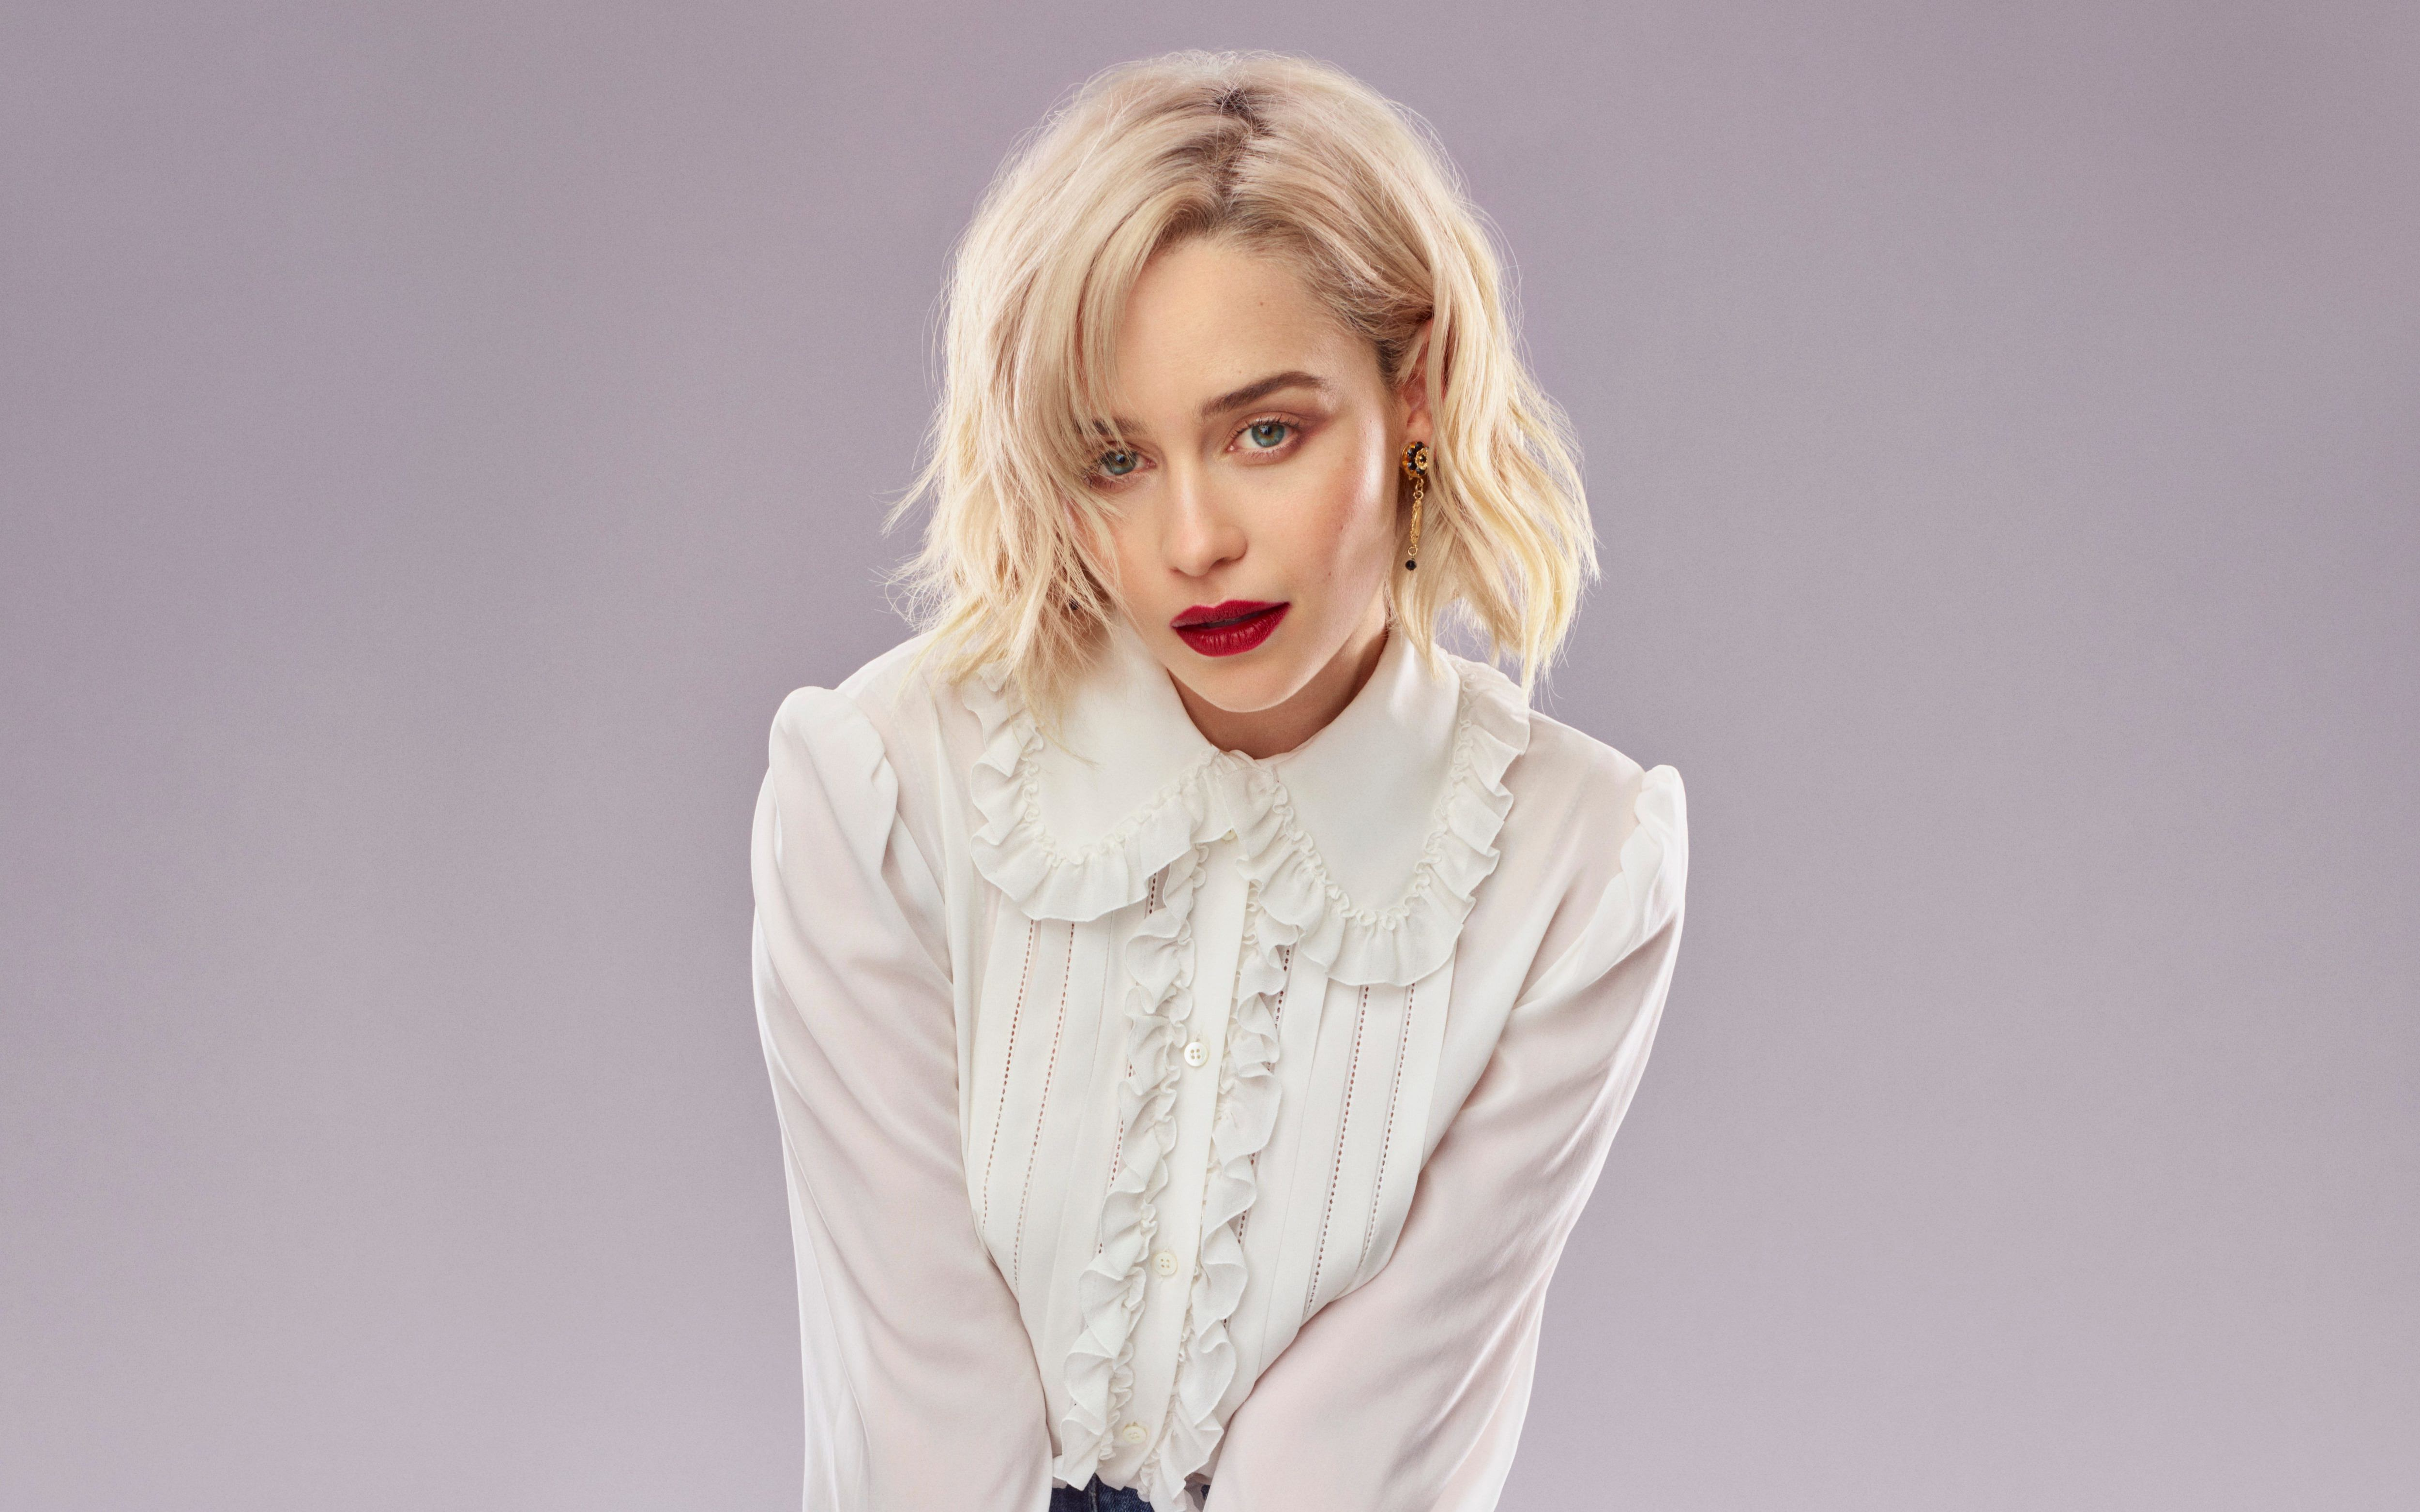 Emilia Clarke 2018 Hd Celebrities 4k Wallpapers Images